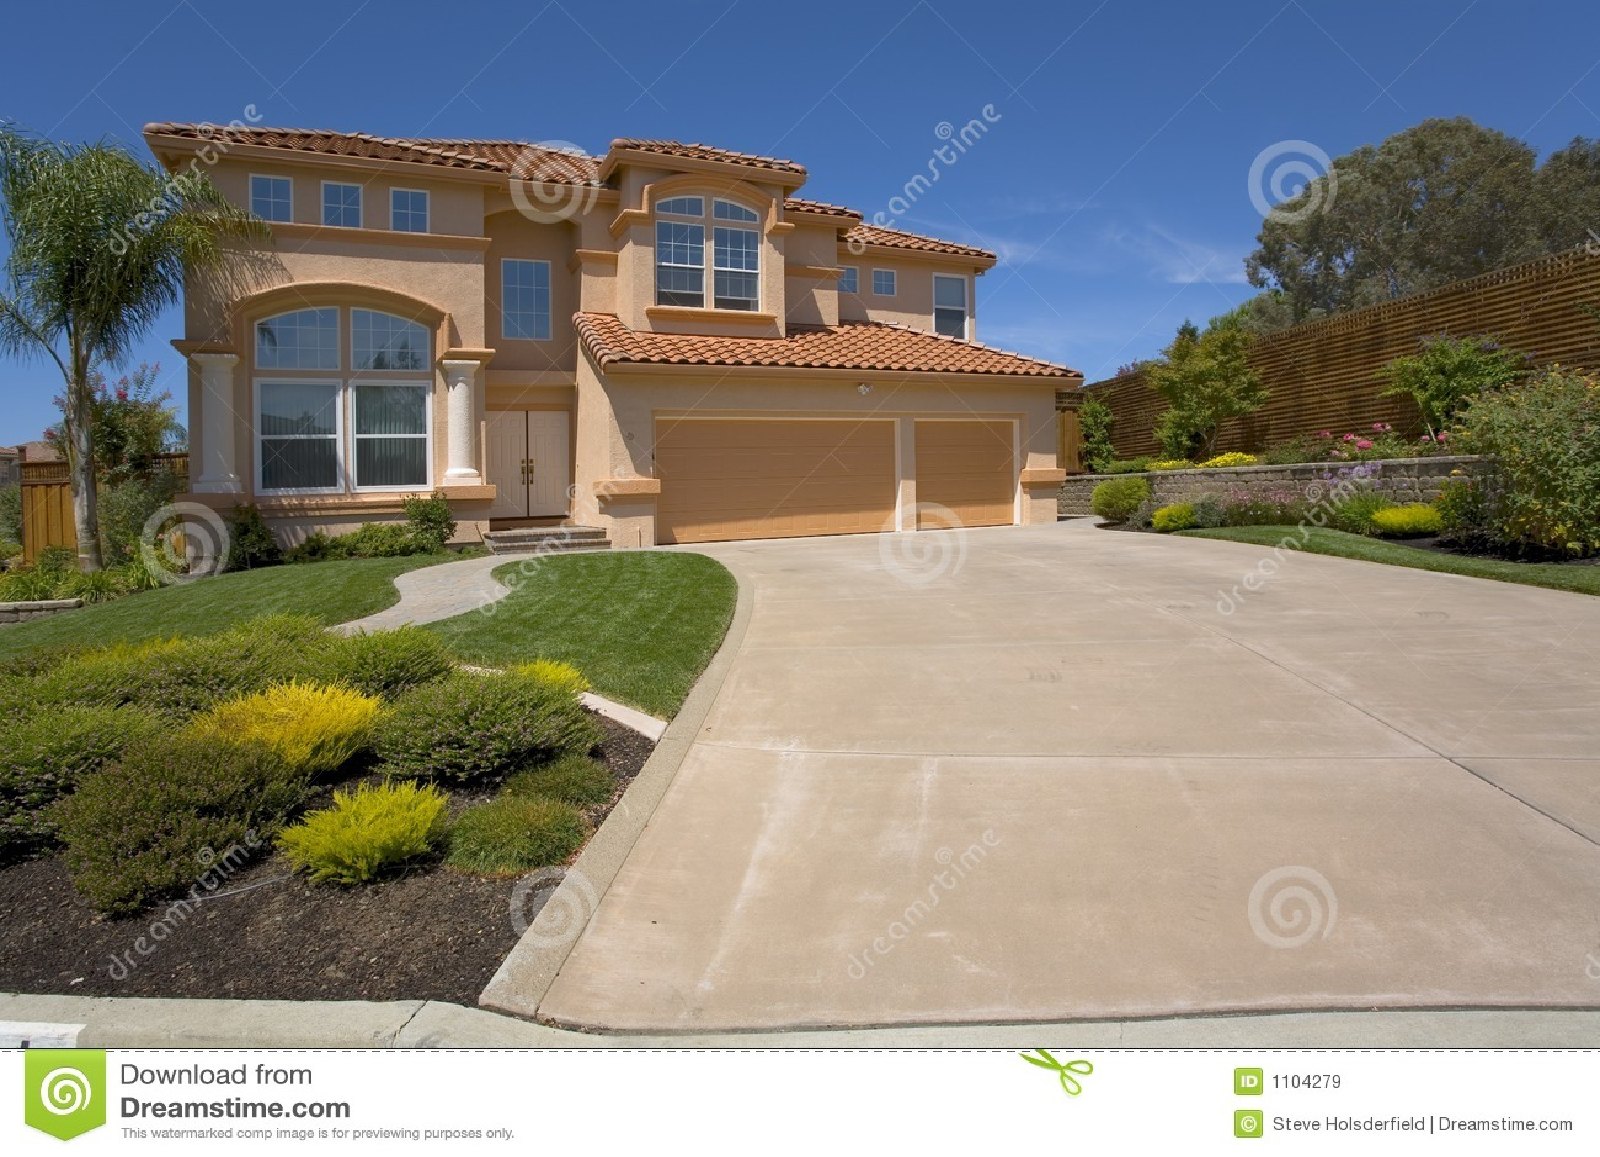 una casa mediterranea di due storie con un tetto di